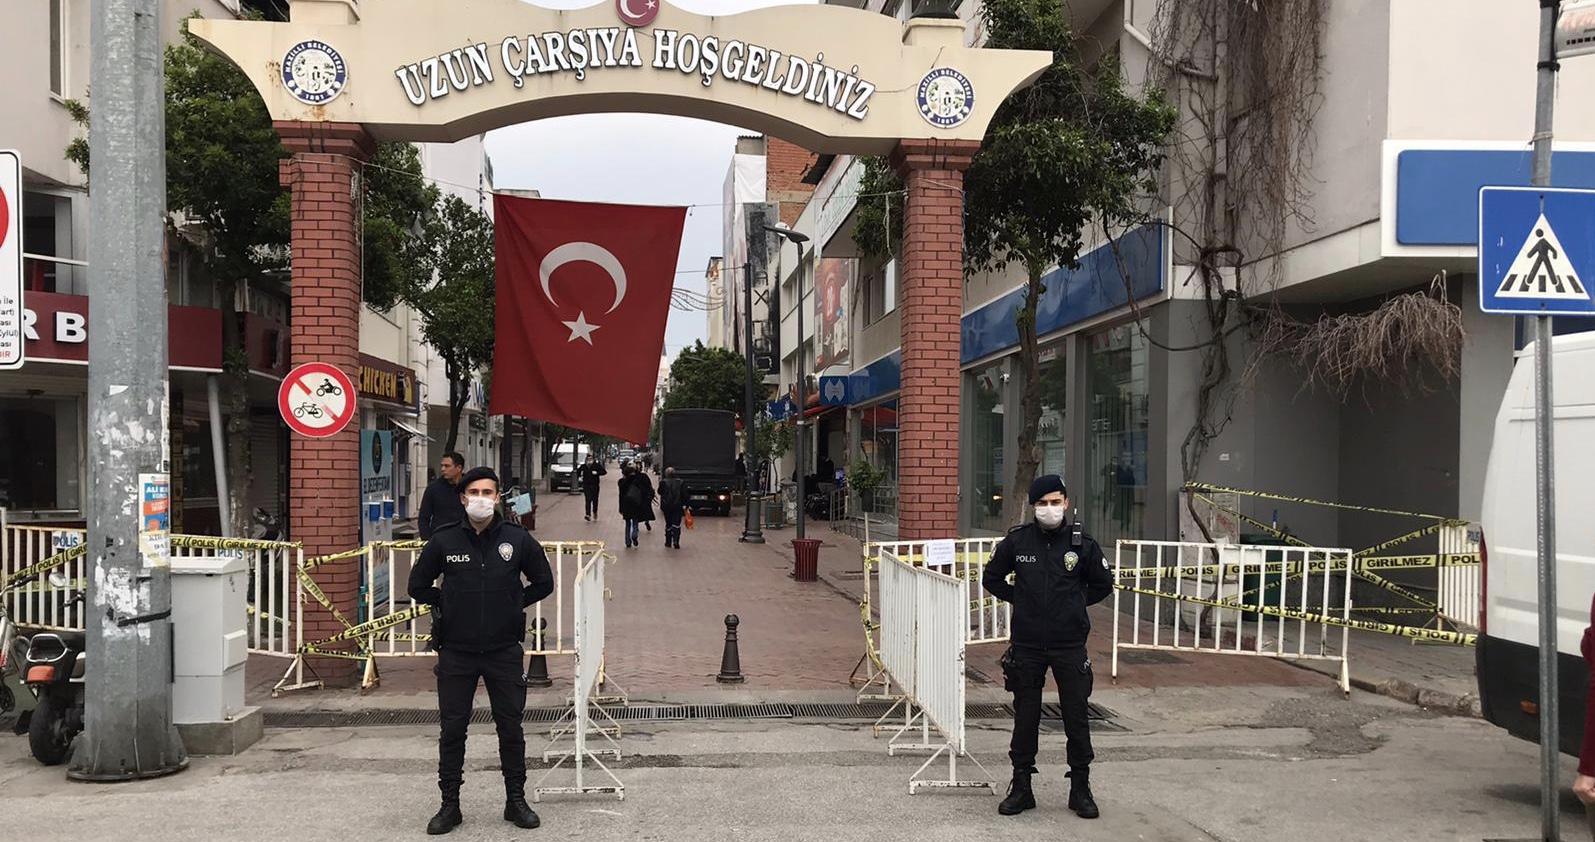 Perşembe pazarı'nda polisin koronavirüs tedbirleri dikkat çekti